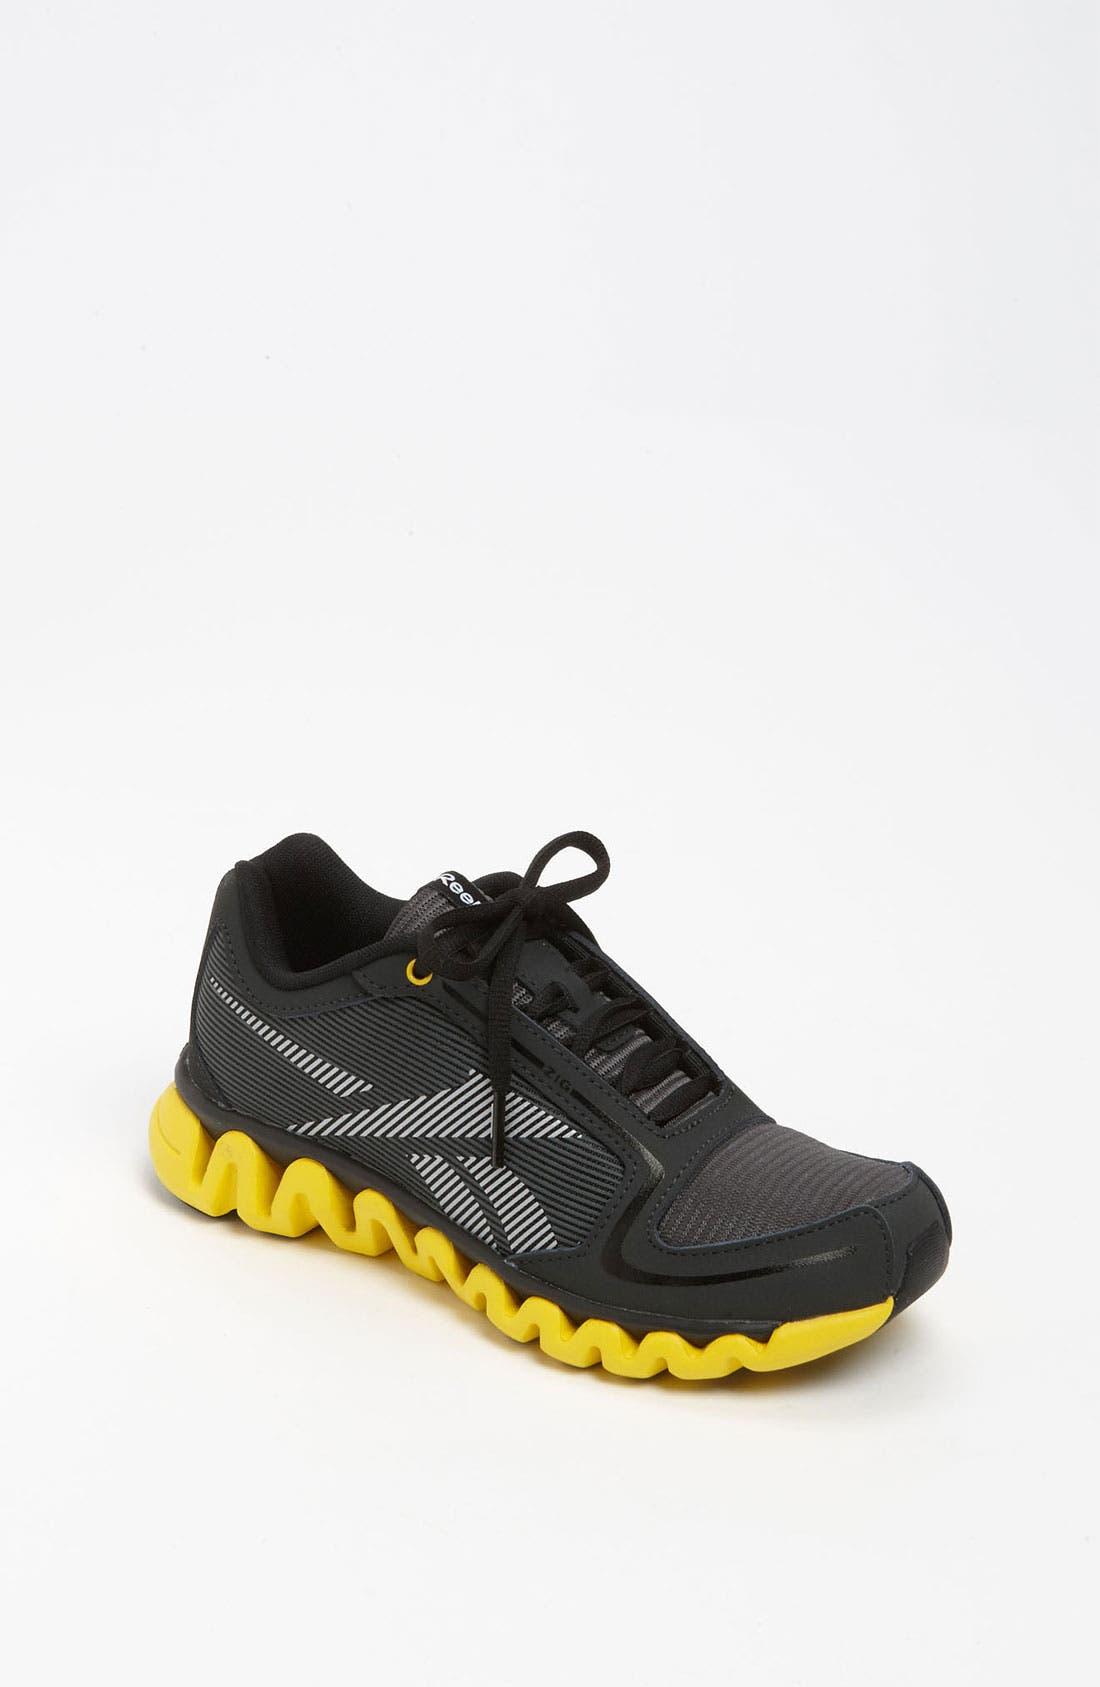 Alternate Image 1 Selected - Reebok 'ZigLite Run' Sneaker (Toddler, Little Kid & Big Kid)